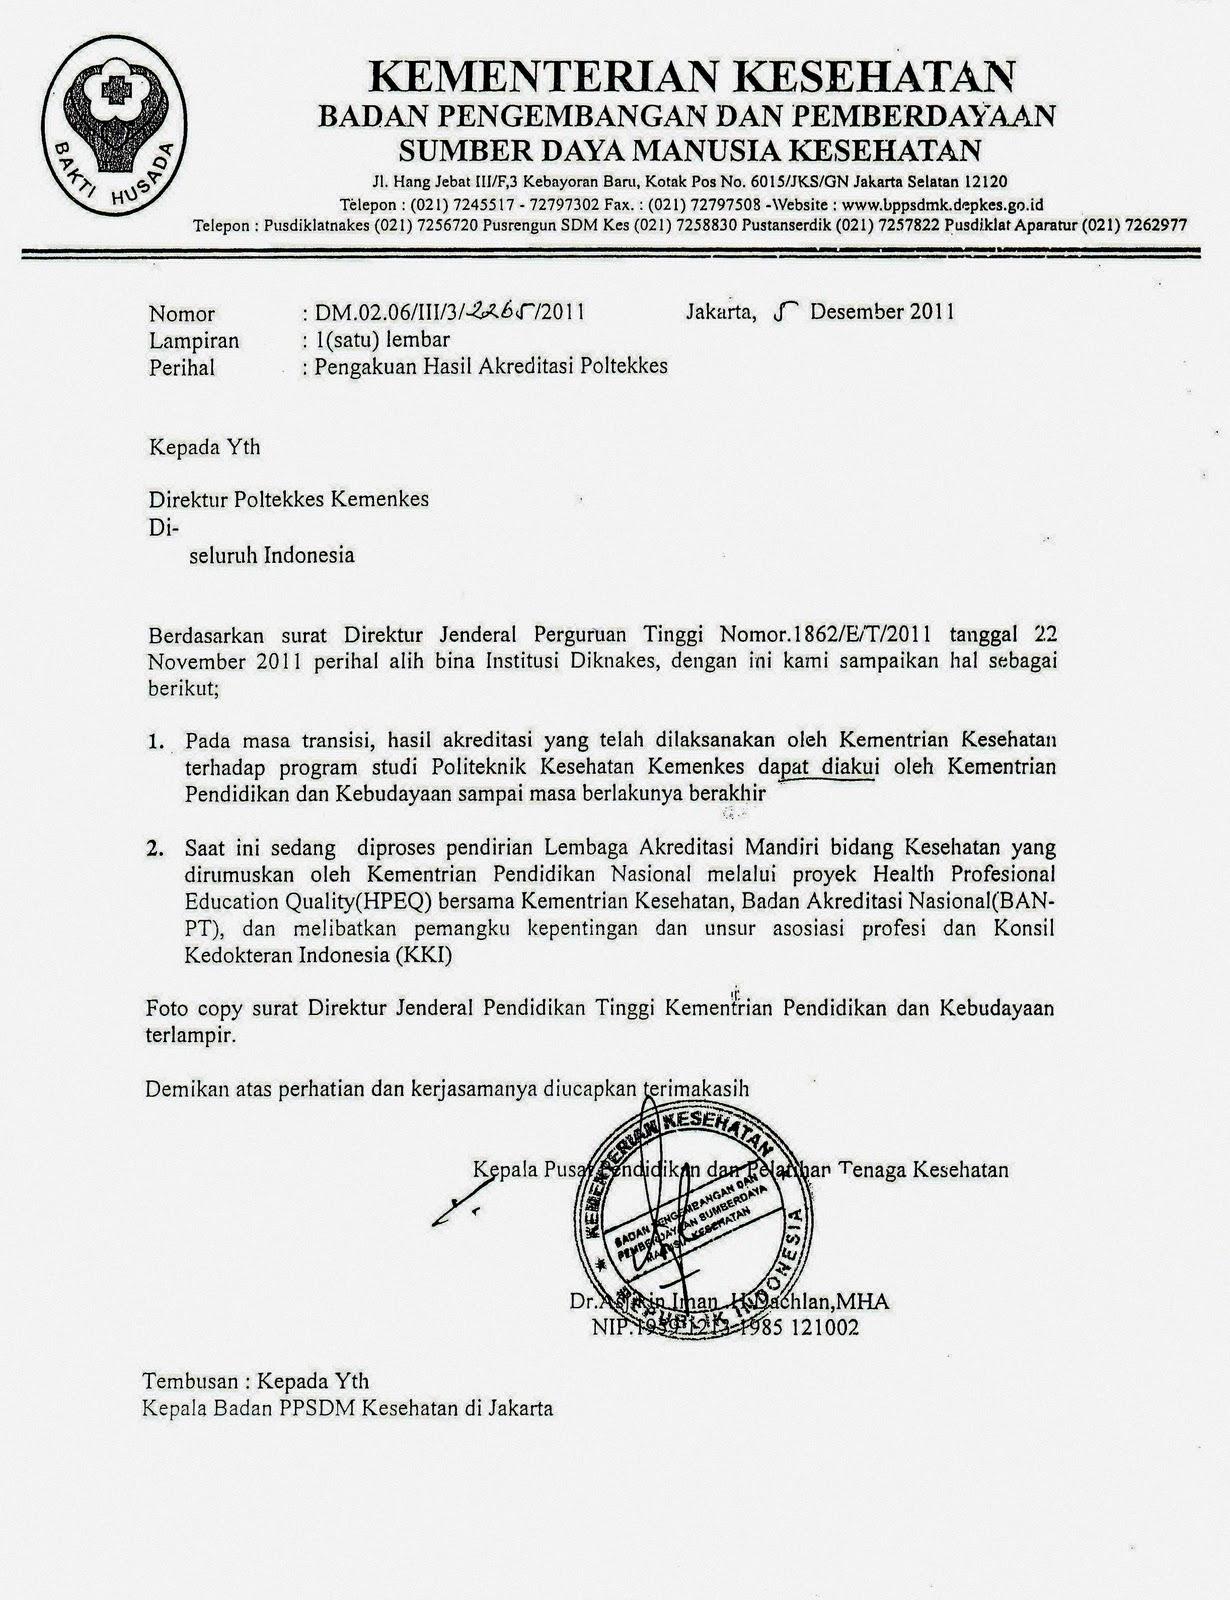 Surat Hasil Akreditasi Poltekkes Dari Kemenkes Contoh Surat